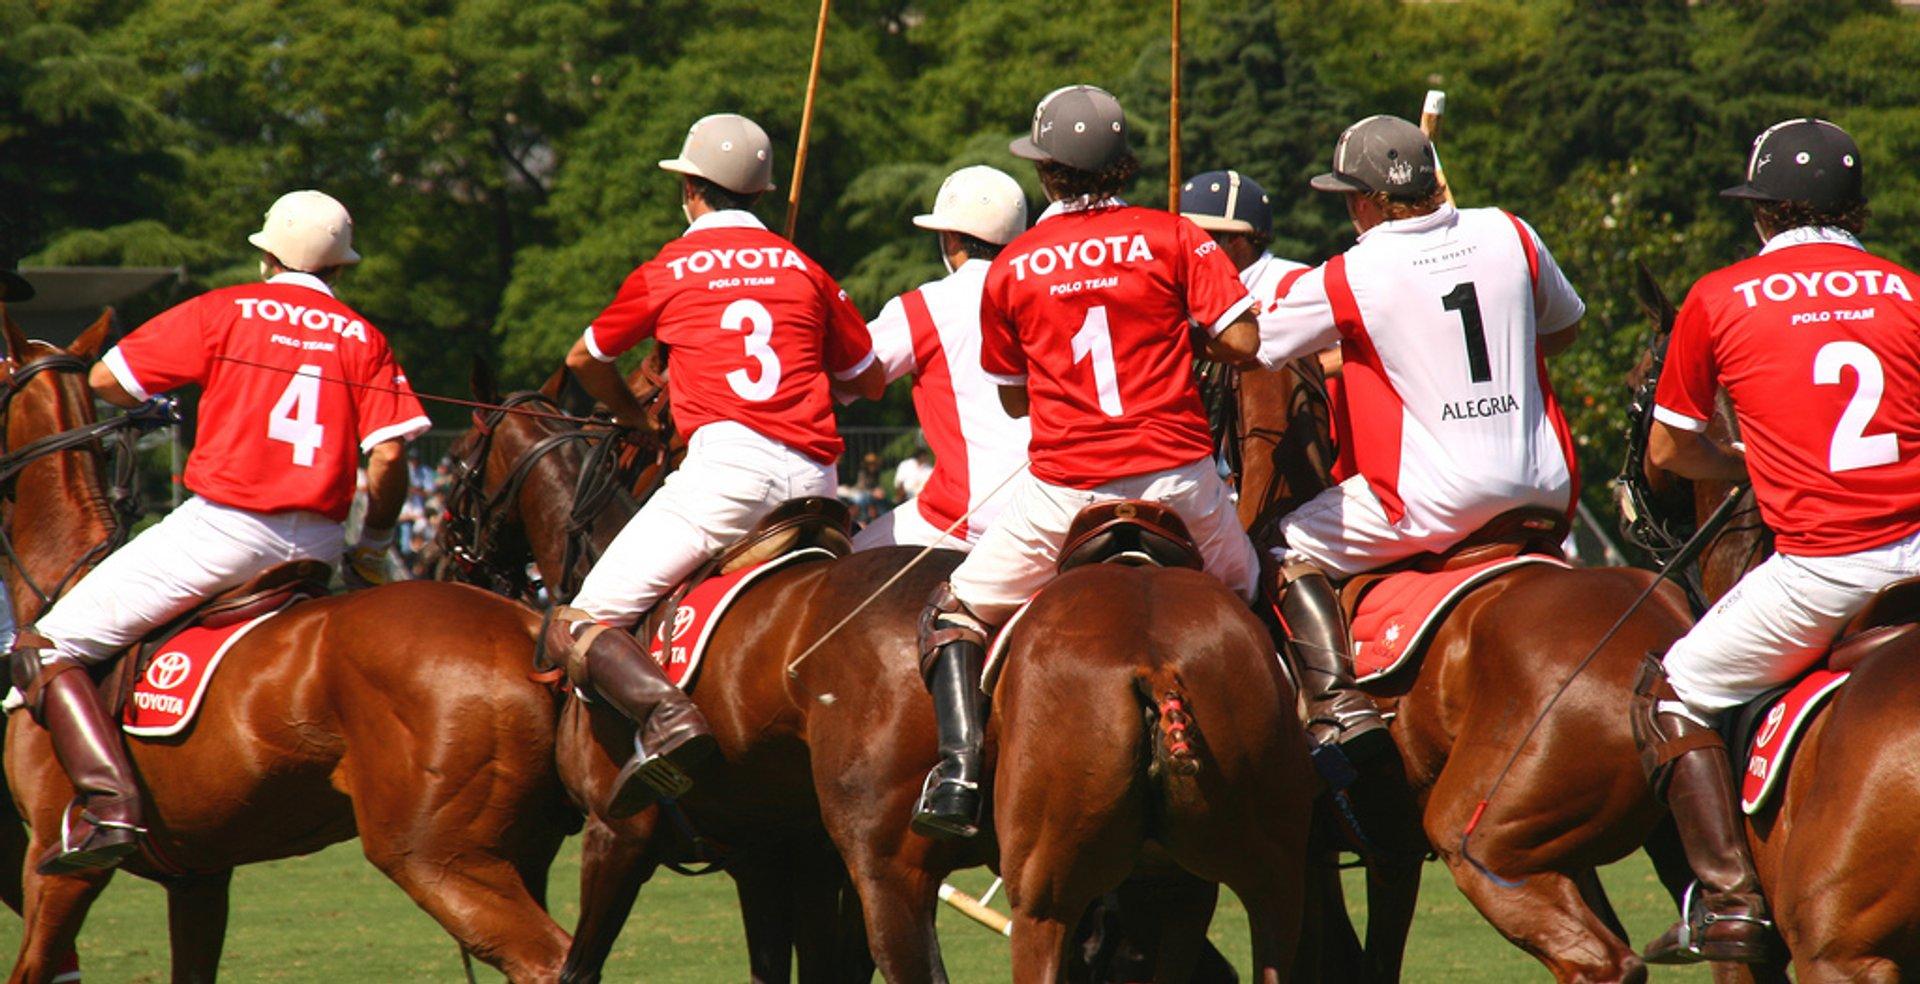 Campeonato Argentino Abierto de Polo (Argentine Polo Open Championship) in Buenos Aires - Best Season 2020